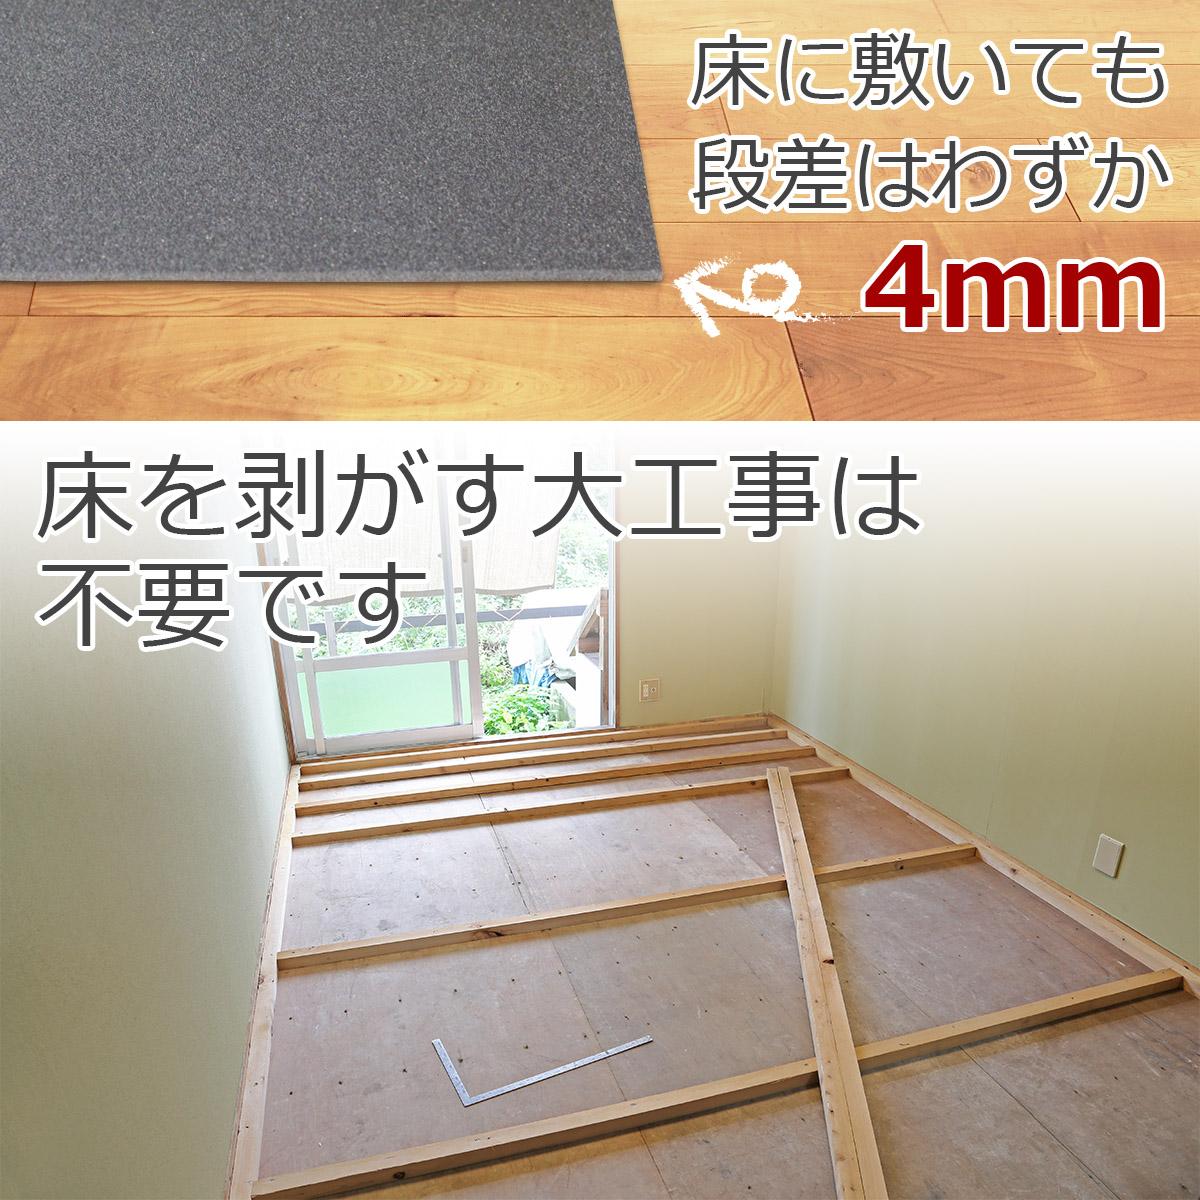 床に敷いても段差はわずか4mm 床を剥がす大工事は不要です